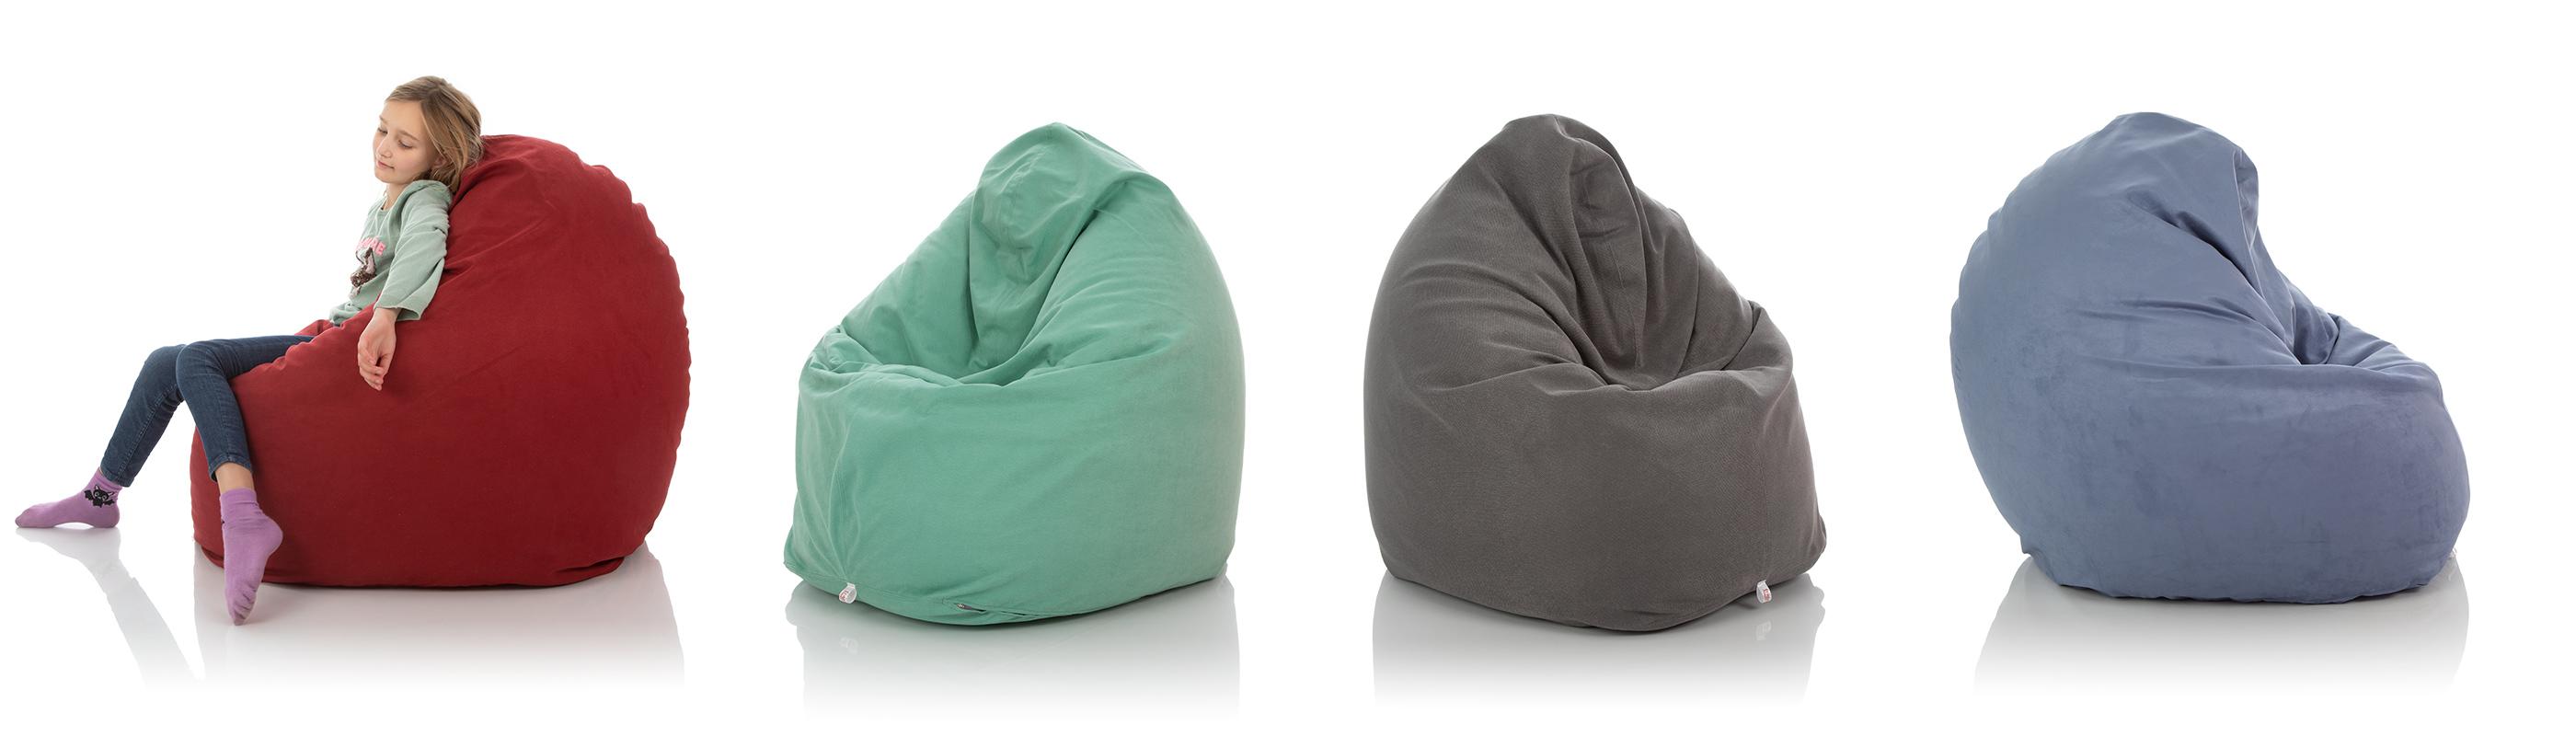 XXL Kinder-Sitzsäcke Vergleich in vielen Farben für das Kinderzimmer